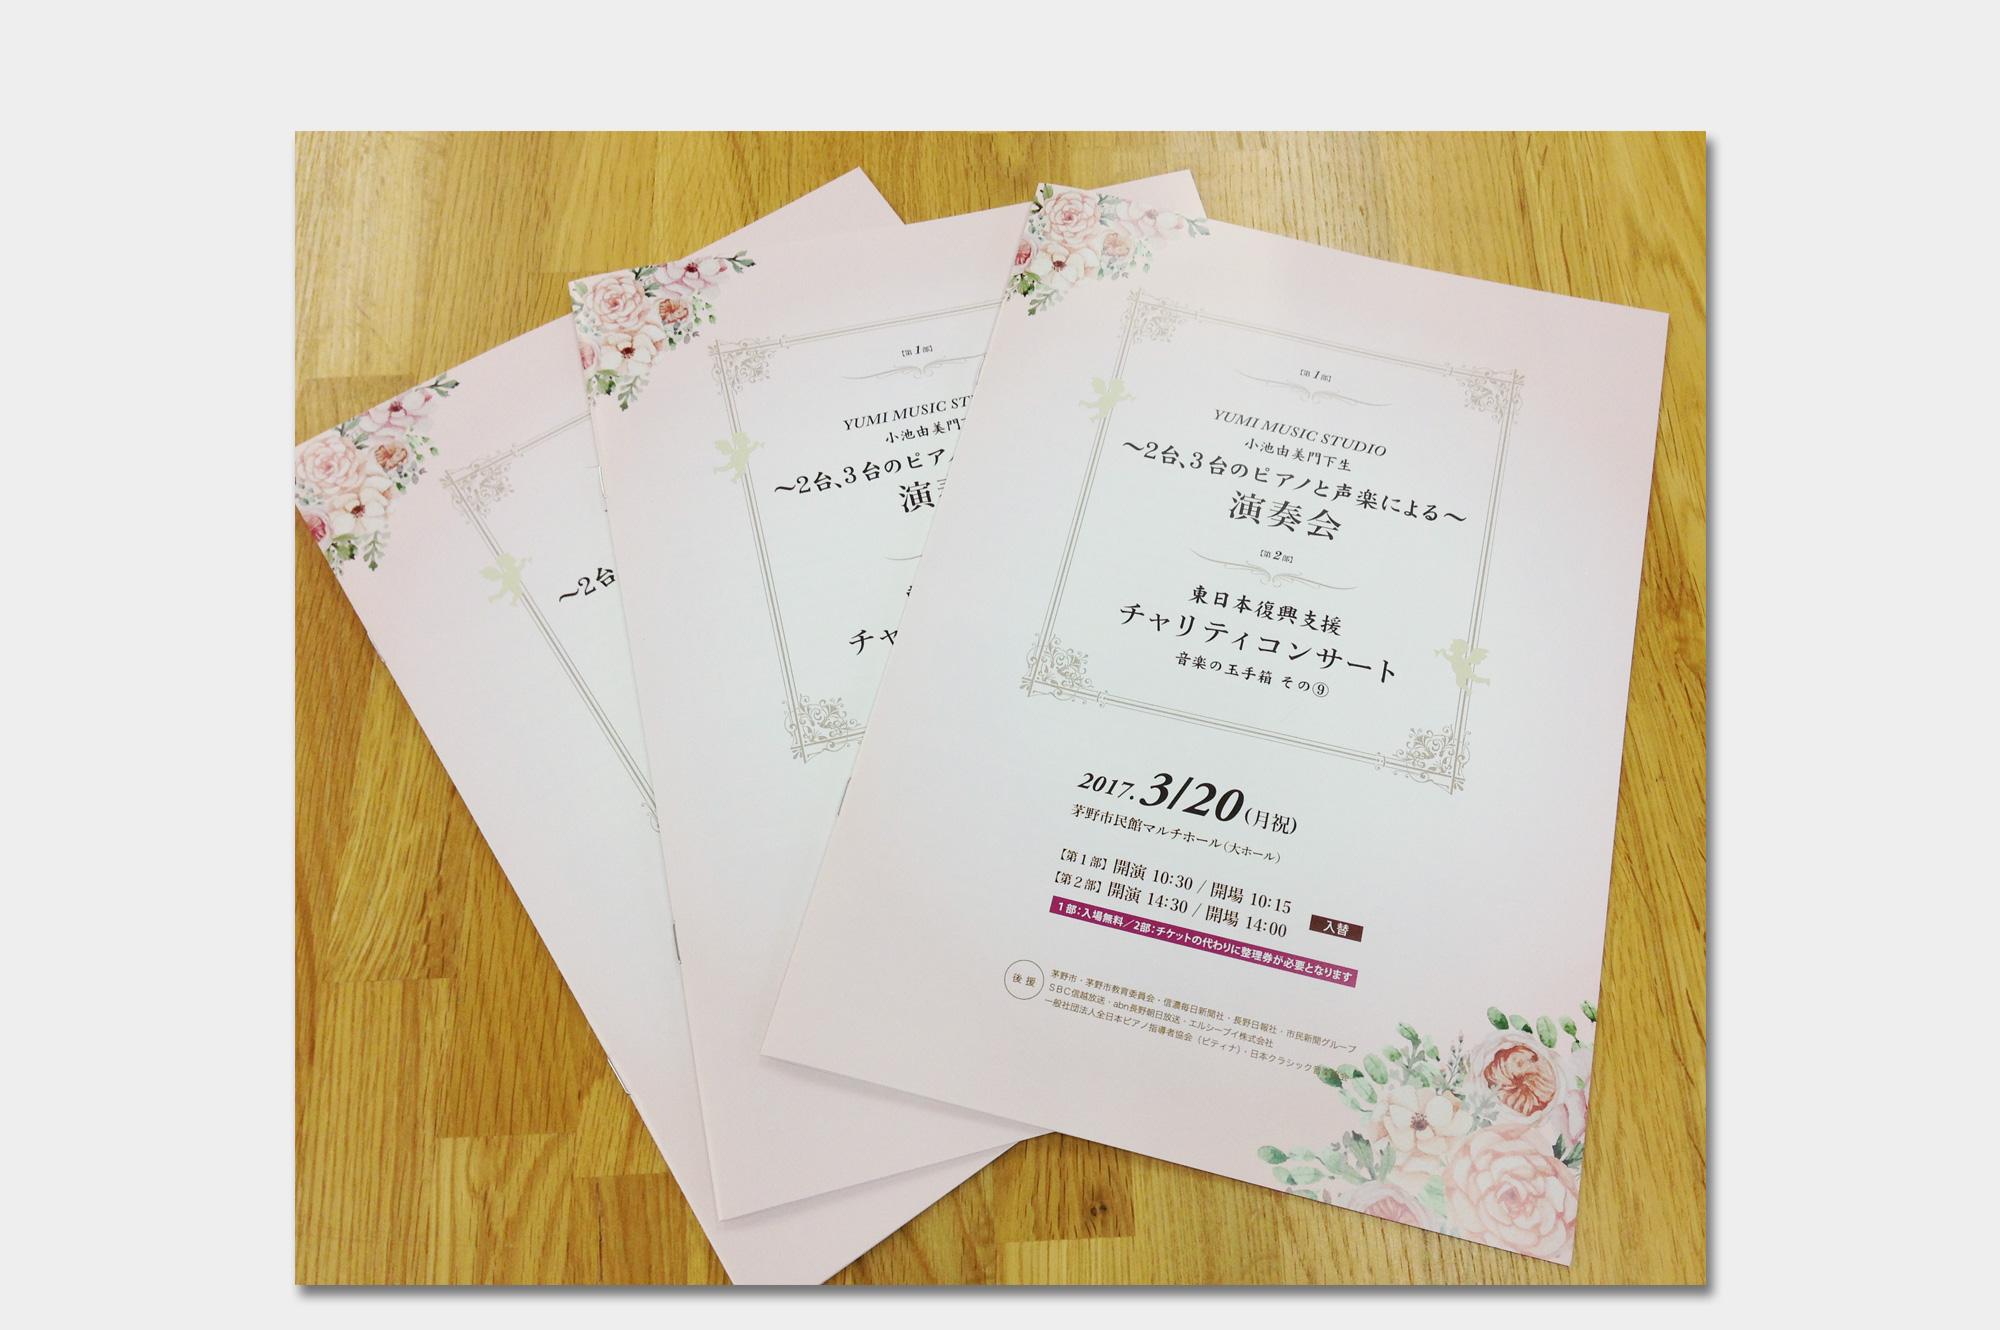 コンサートパンフレット(YUMI MUSIC STUDIO様)